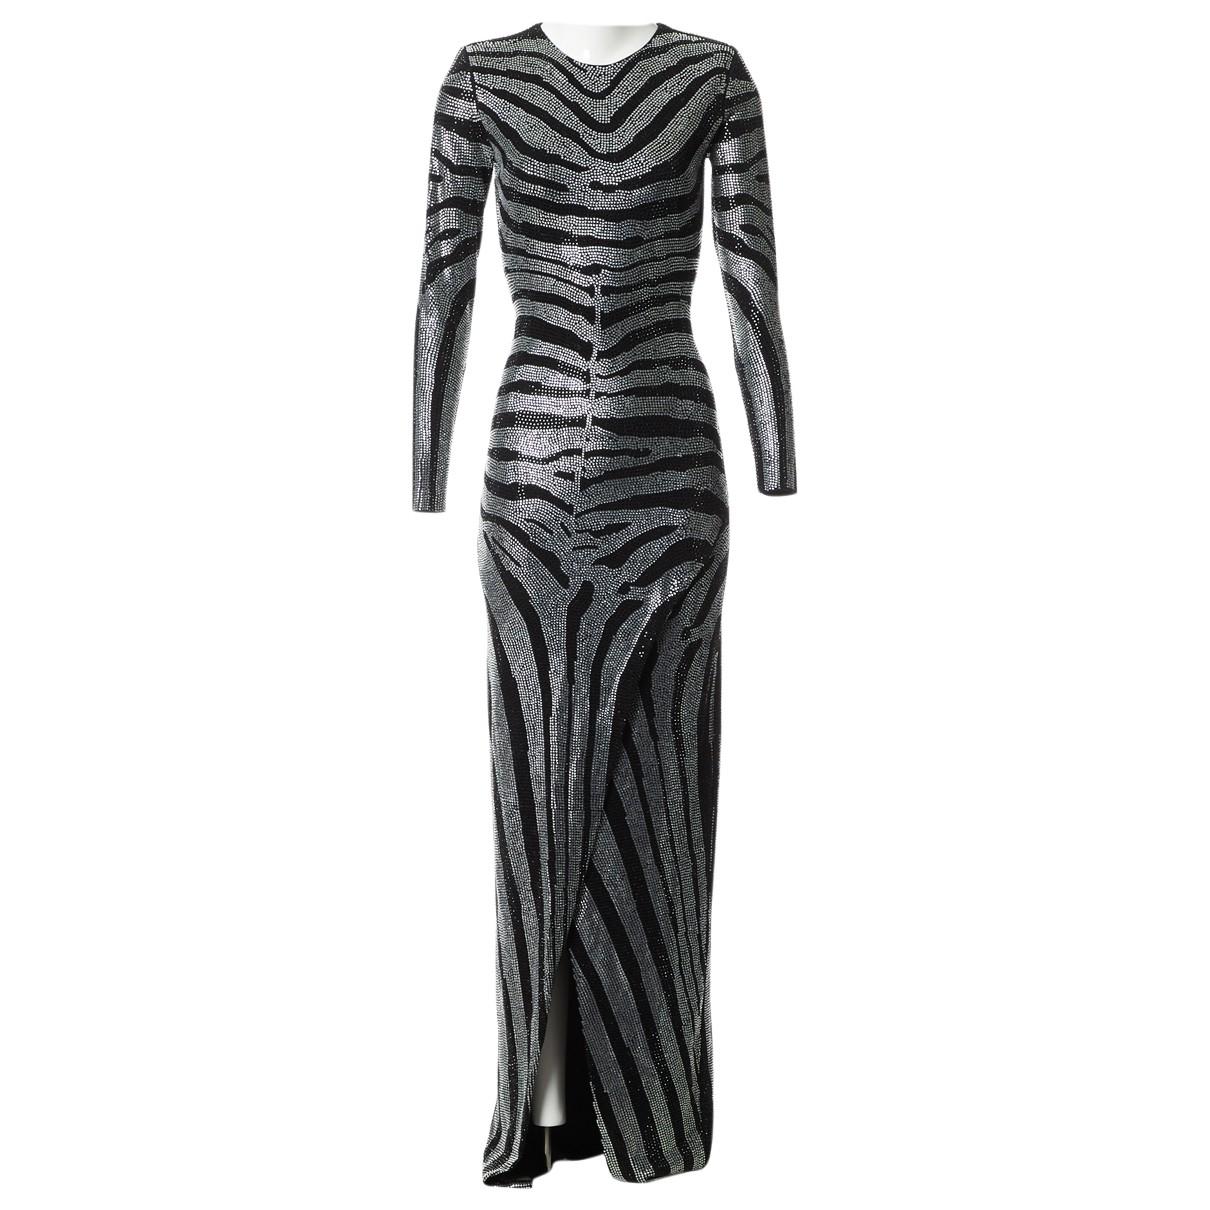 Balmain \N Black dress for Women 36 FR